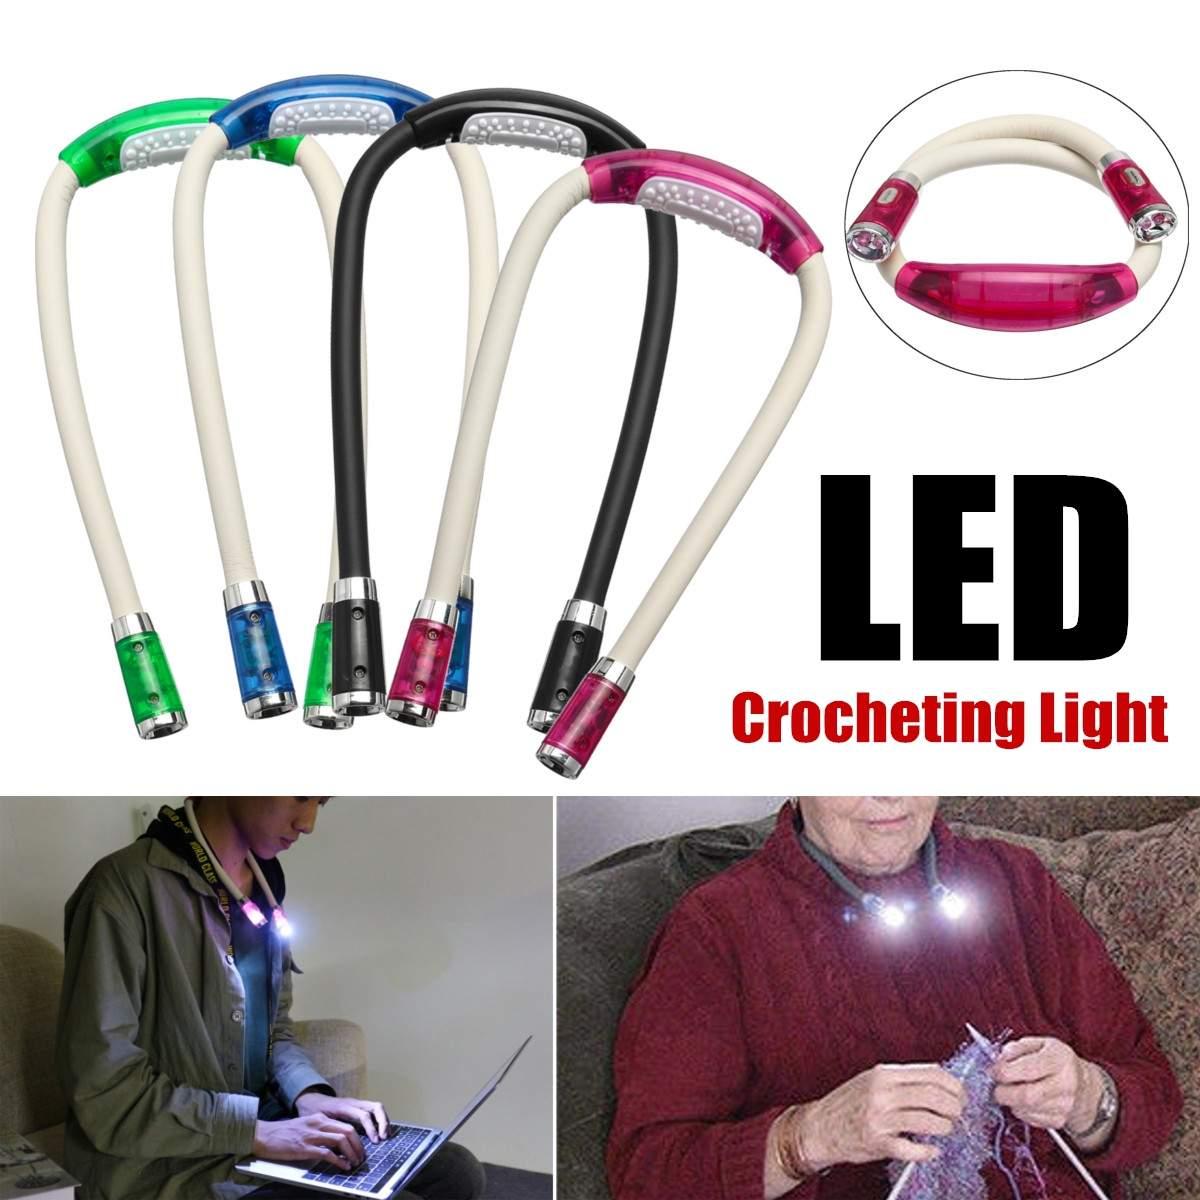 Handsfree LED Шея ночник гибкий вязание крючком книга свет лампа для чтения 4 вида цветов на батарейках освещение для помещений